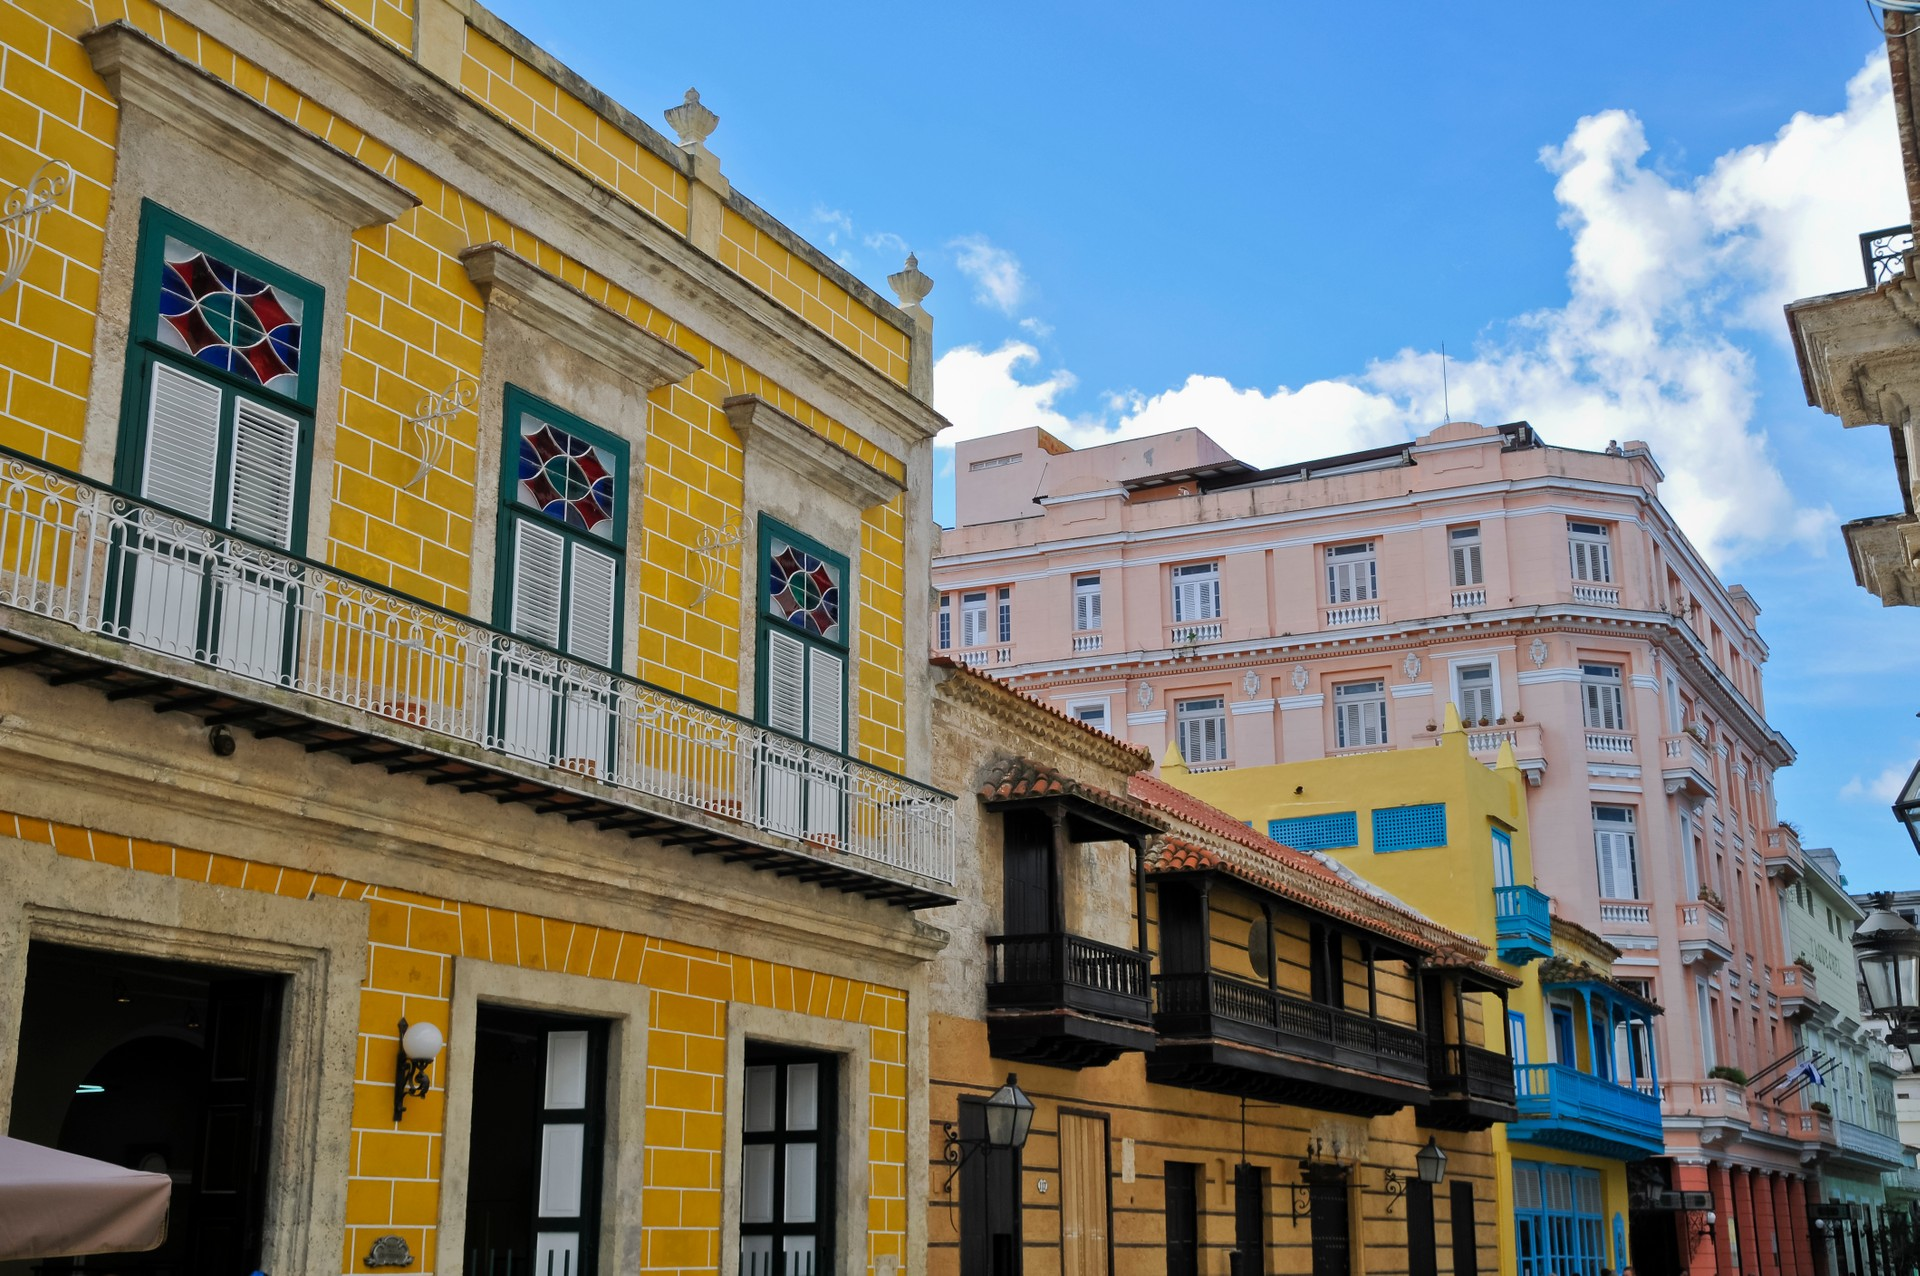 Calle Obispo Havana